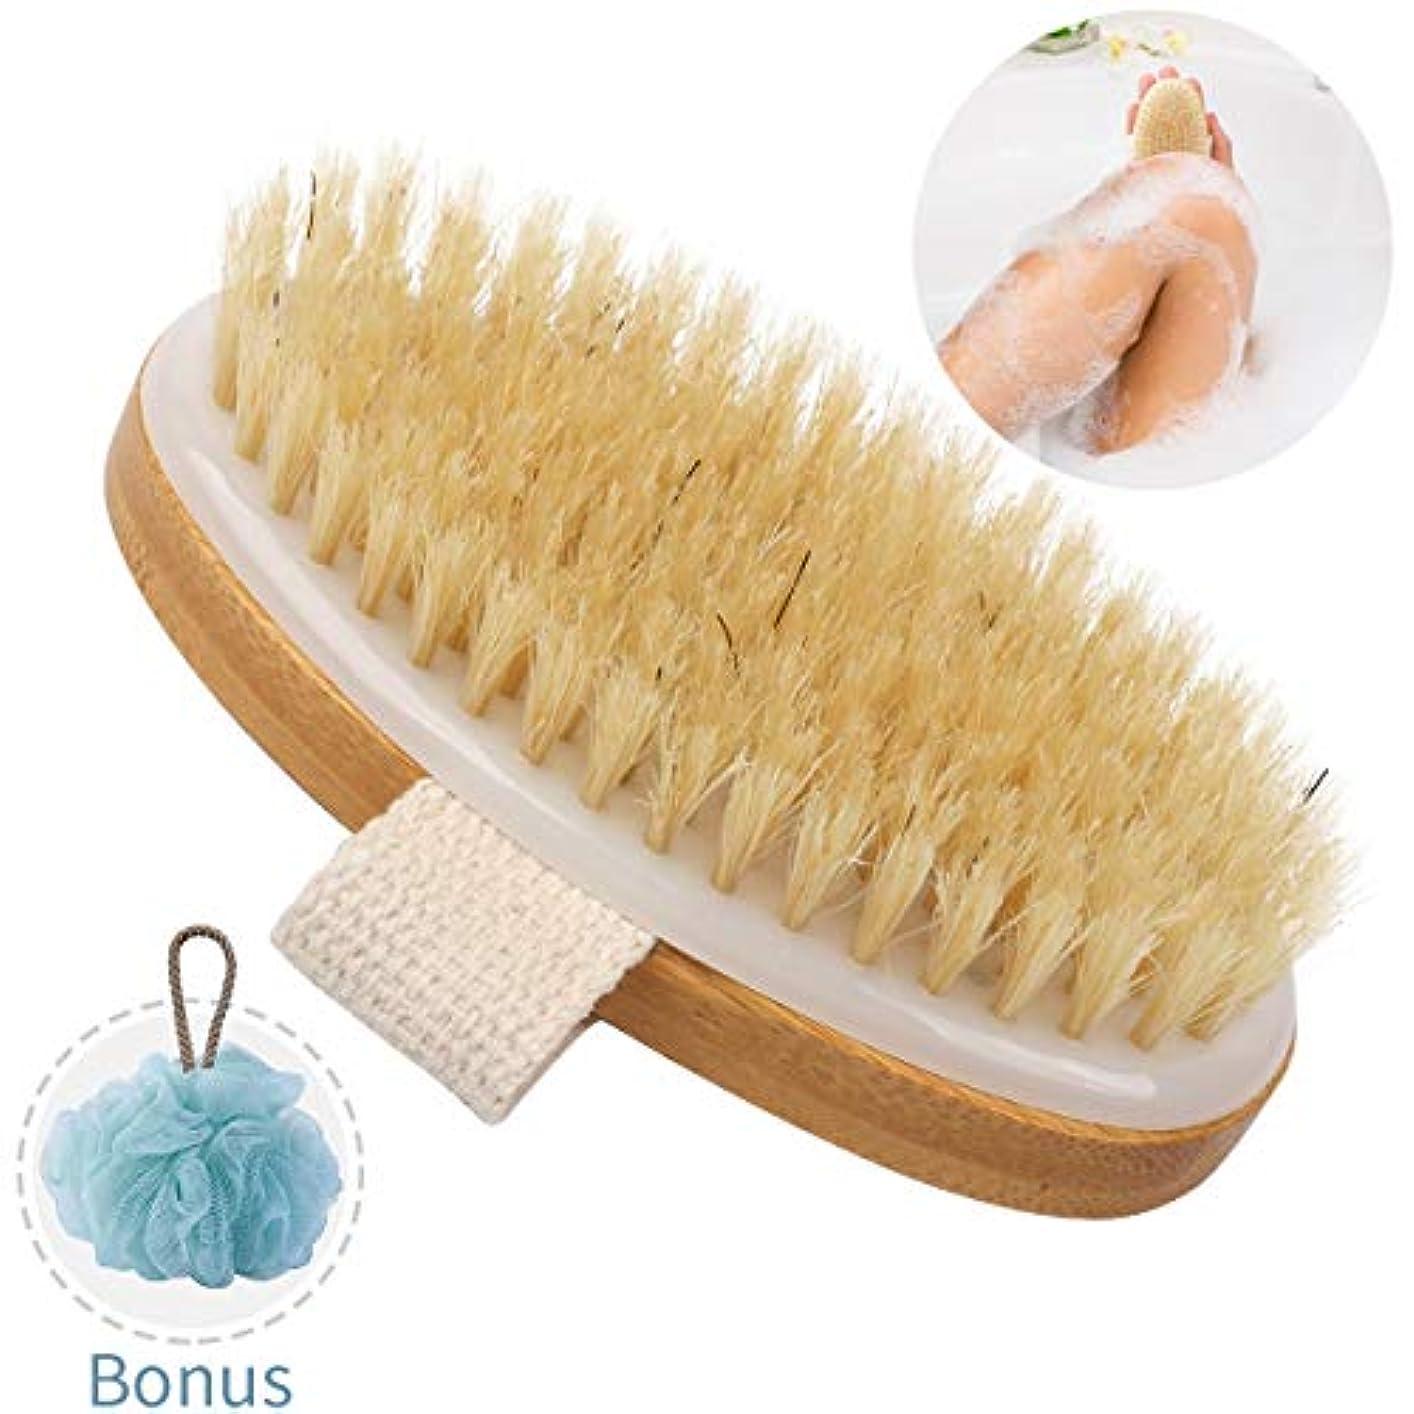 認める小石メッセンジャーボディブラシ バスブラシ お風呂ブラシ シャワーブラシ 背中ブラシ - ボディ用マッサージブラシ やわらか 体洗いブラシ 滑り止め紐 背中ニキビ 角質除去 SPA 背中ブラシ 毛穴洗浄 美肌効果 フラワーボール付き